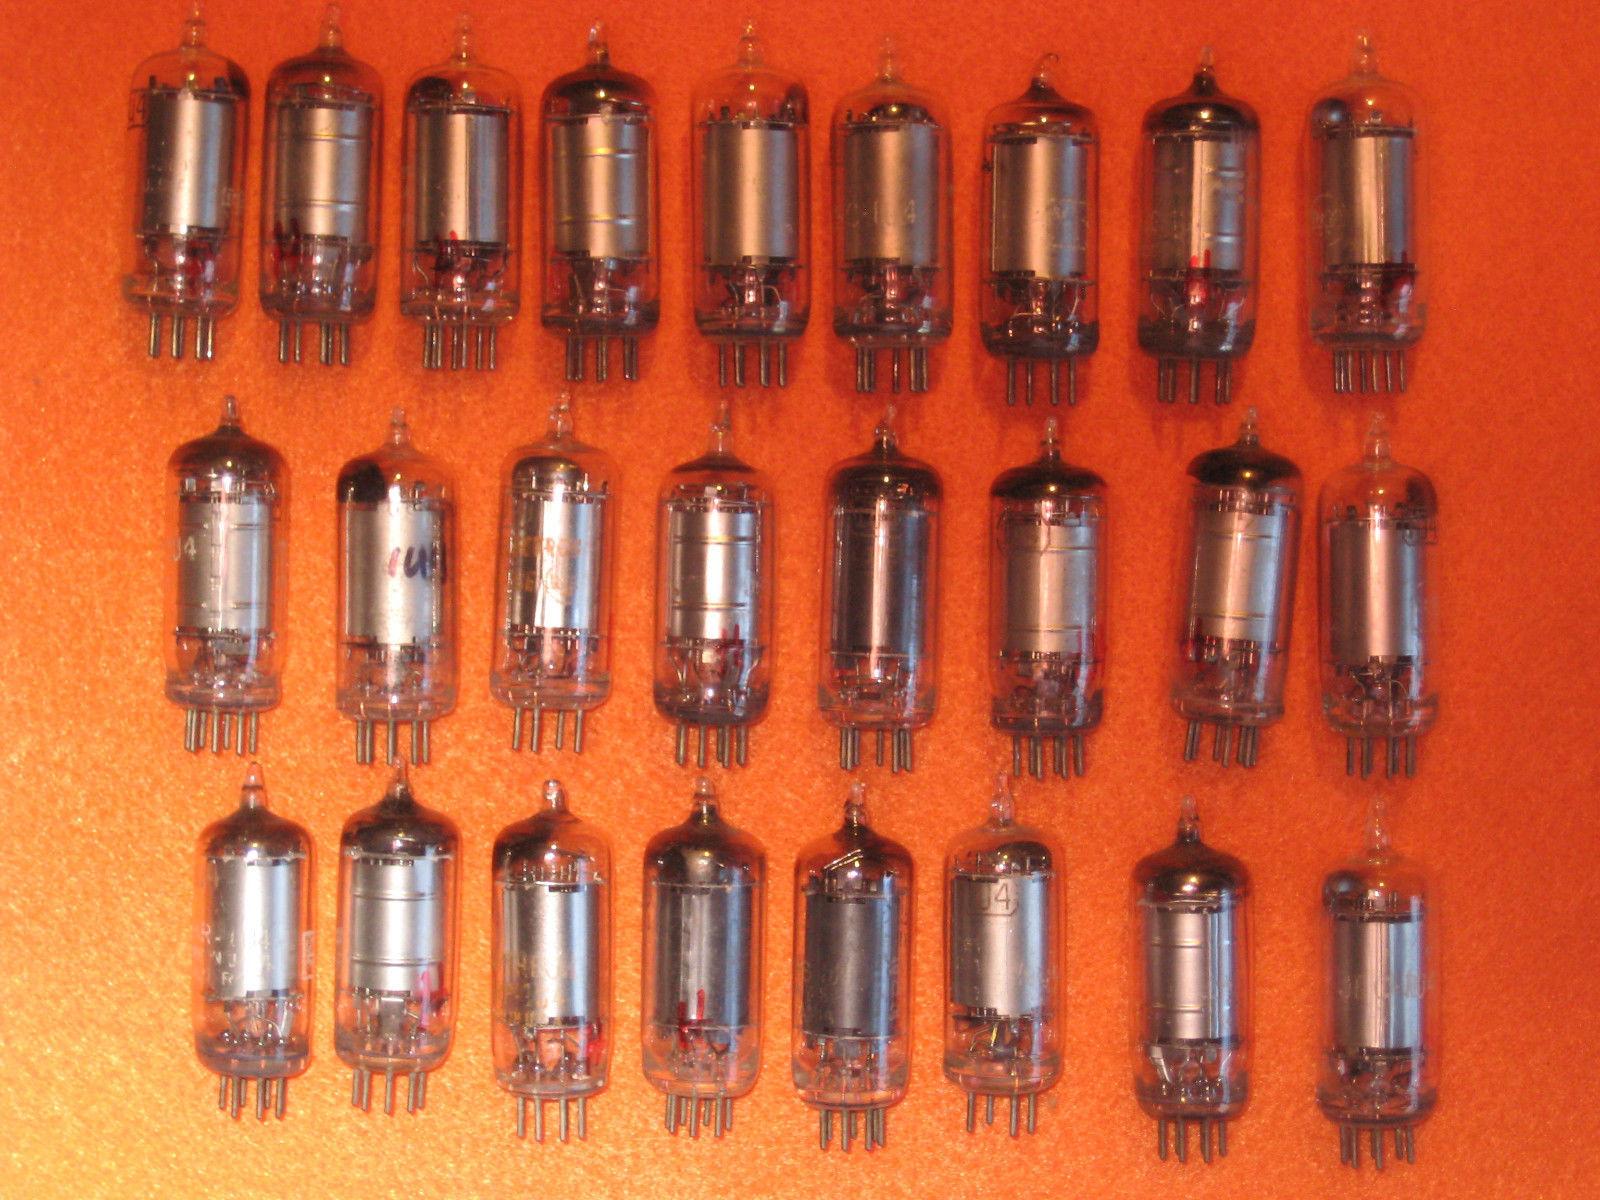 Vintage Radio Vacuum Tube (one): 1U4 - Tested Good